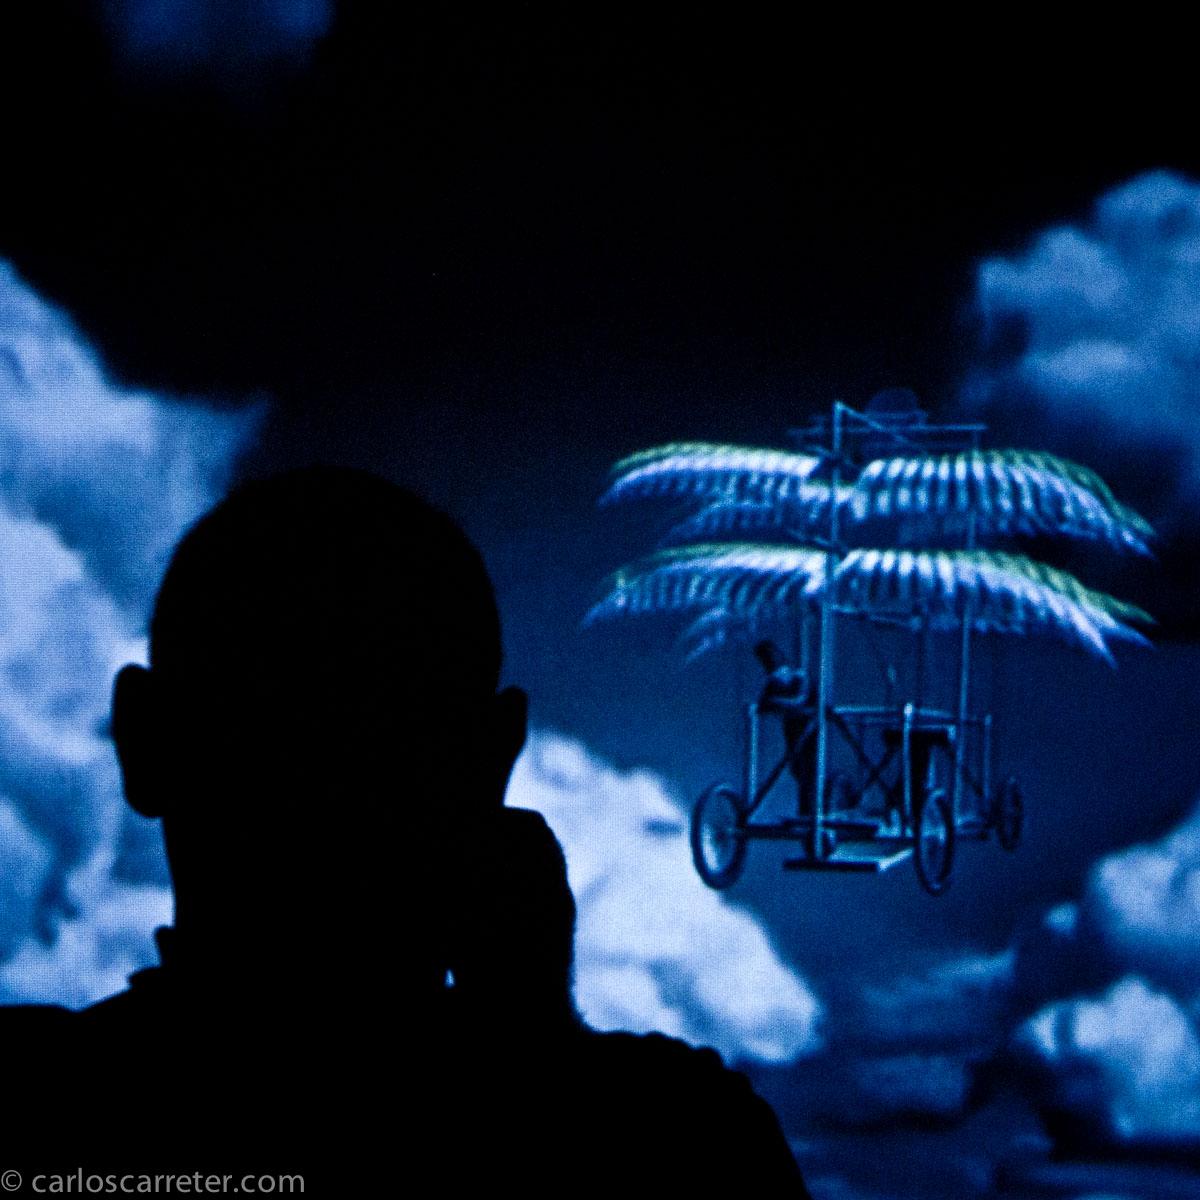 Autorretrato sobre pantalla de vídeo (MUICO)